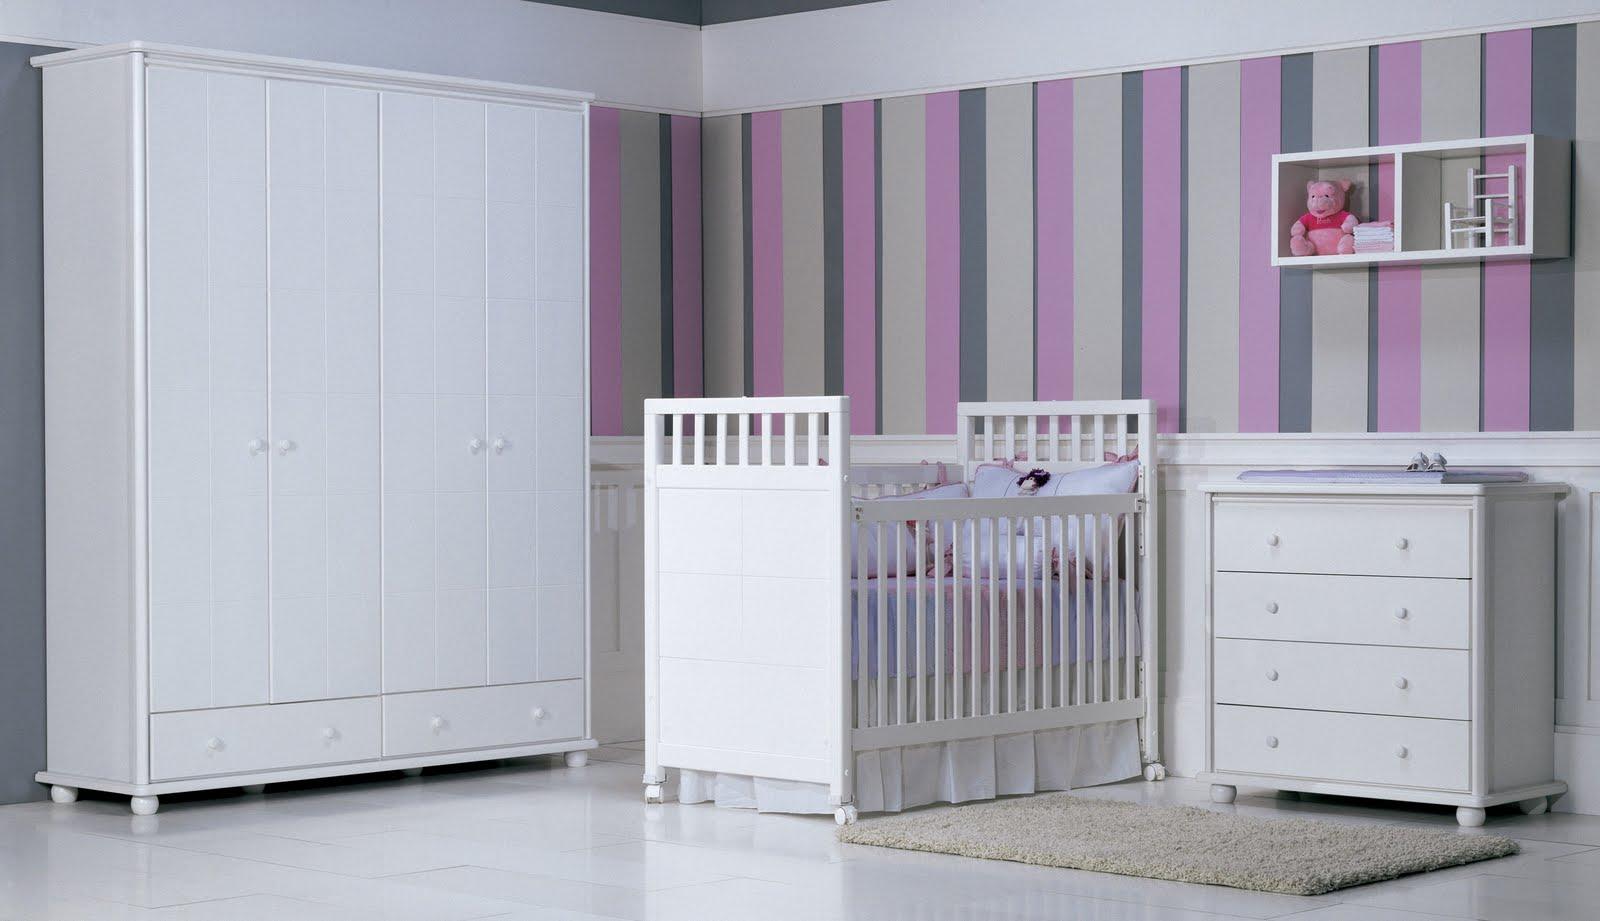 Cama da Criança Grande: Tipos de Acabamentos dos Móveis para Bebês #705378 1600x921